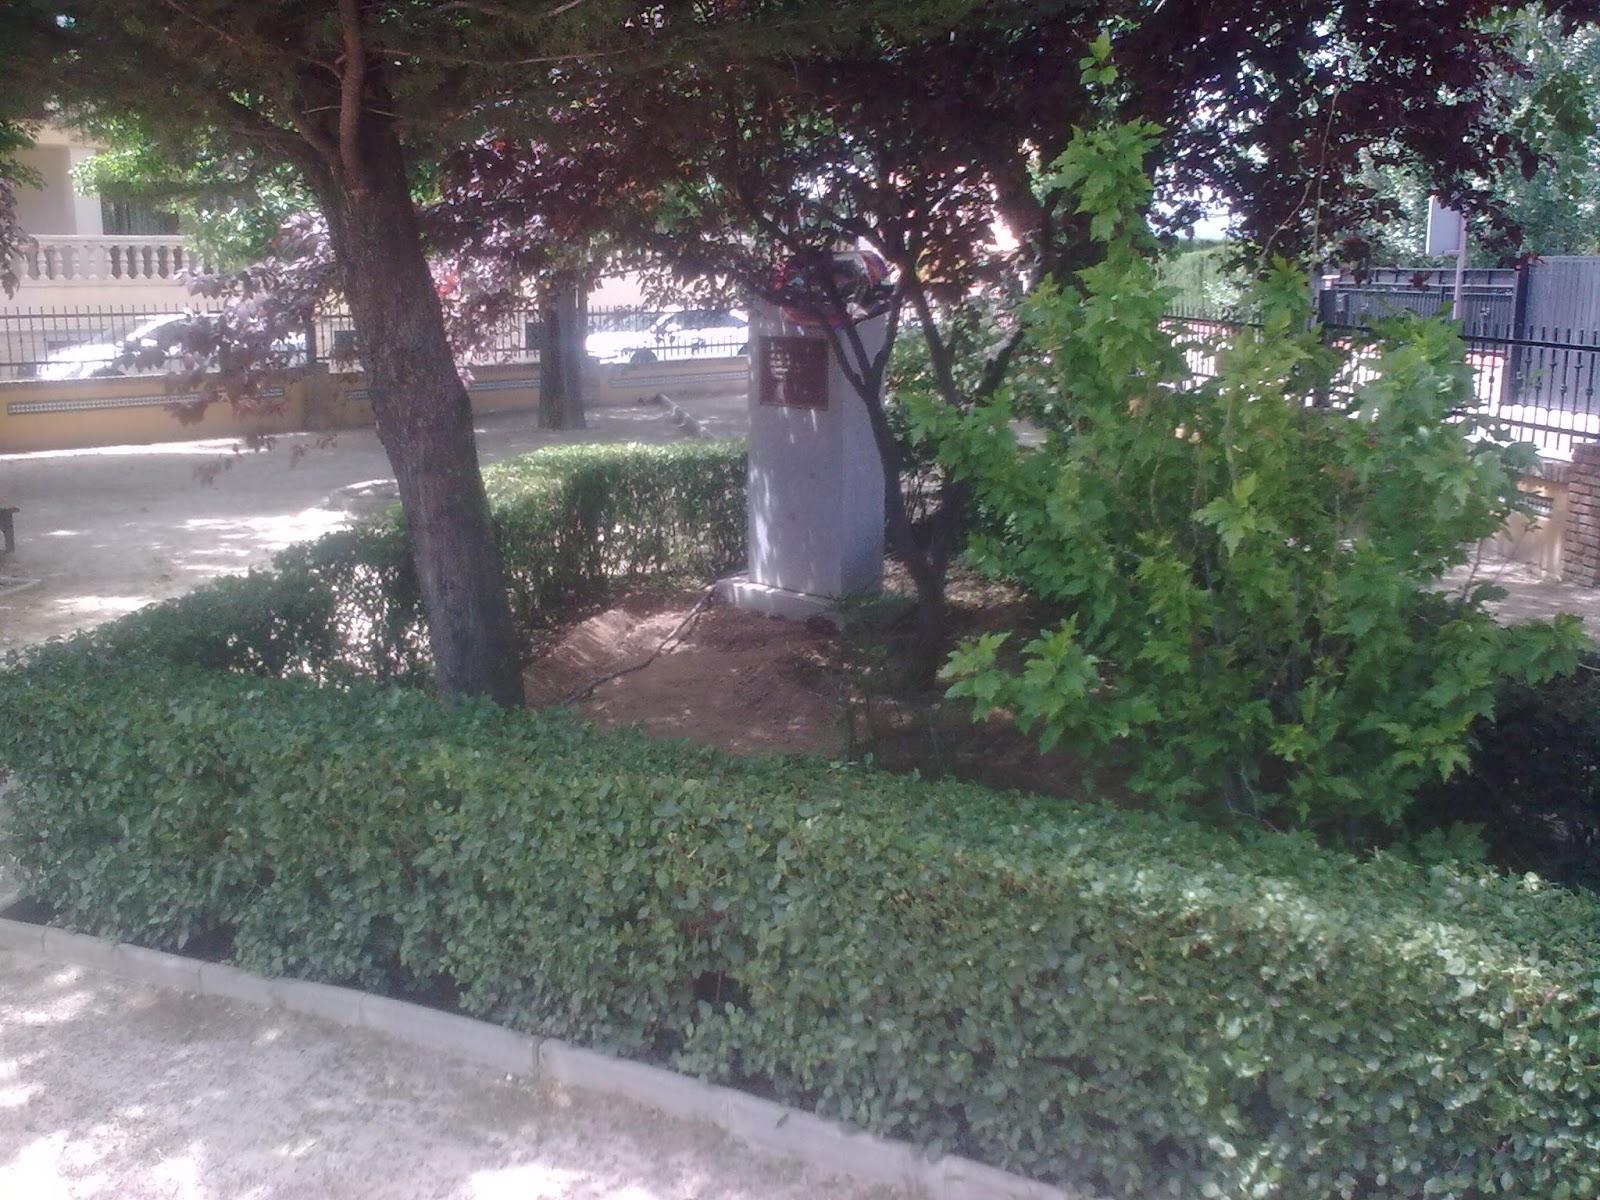 Parques y jardines de ogijares arreglo parque garcia lorca for Arreglos de parques y jardines